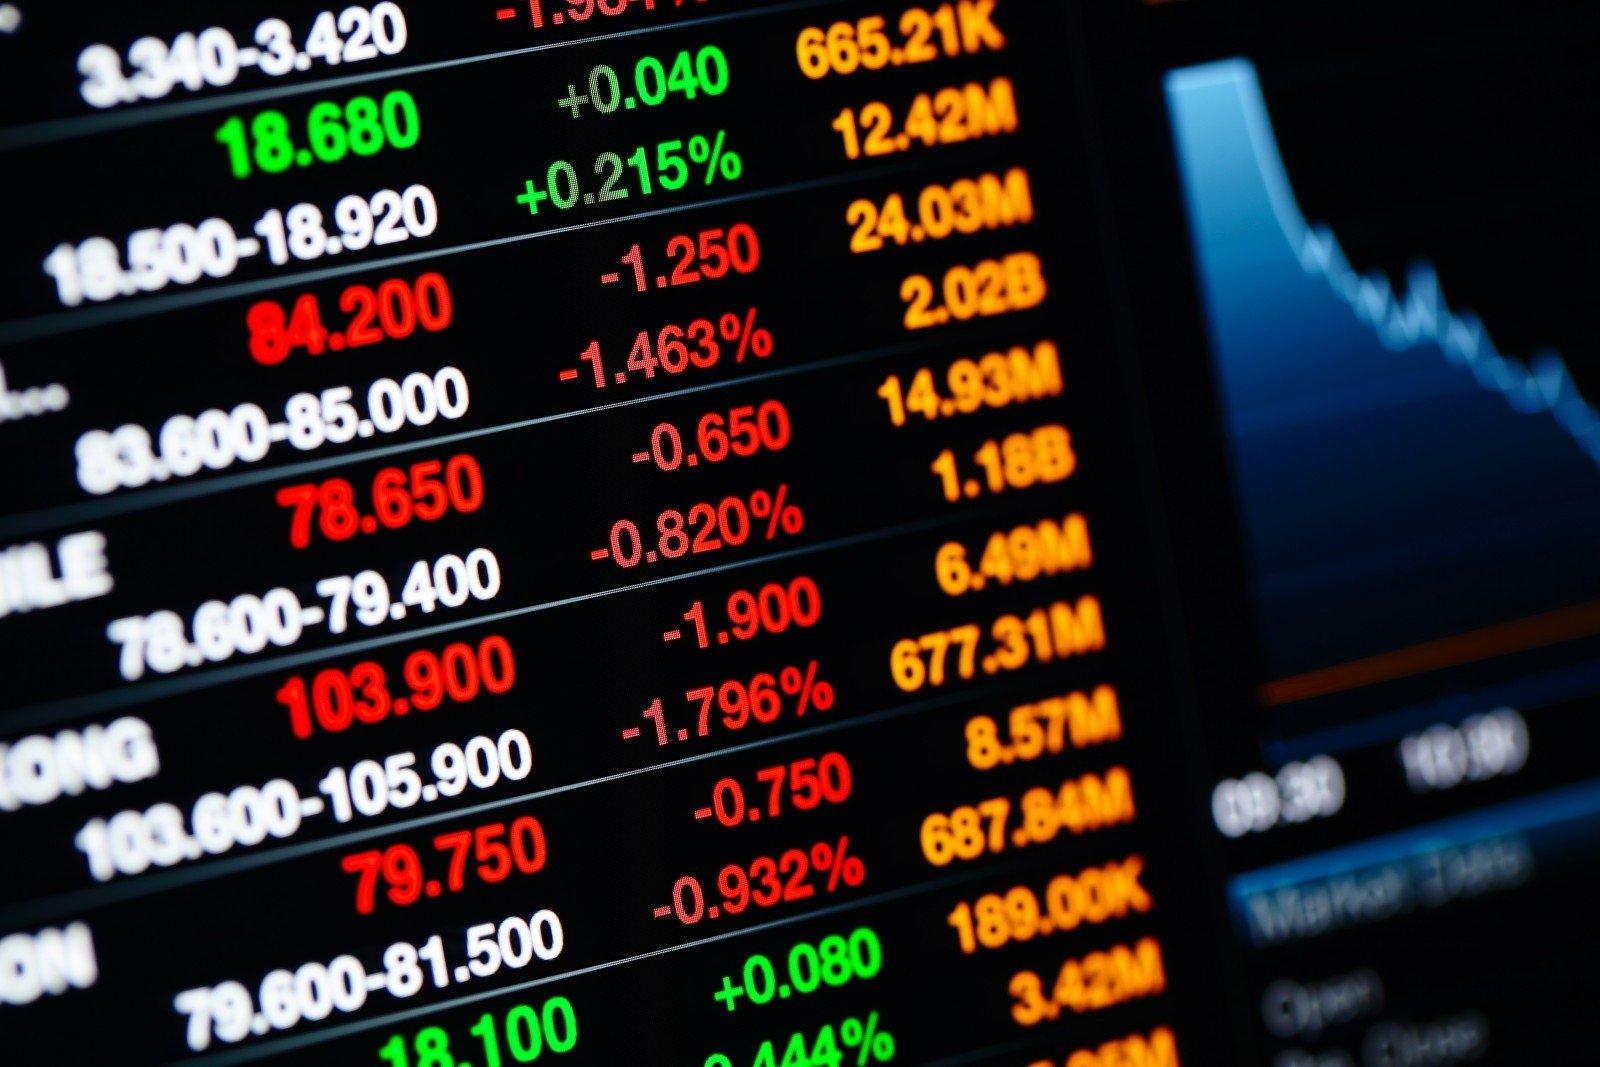 akcijų pasirinkimo sandoriai draudžiami opcionų prekybos akcijos indija